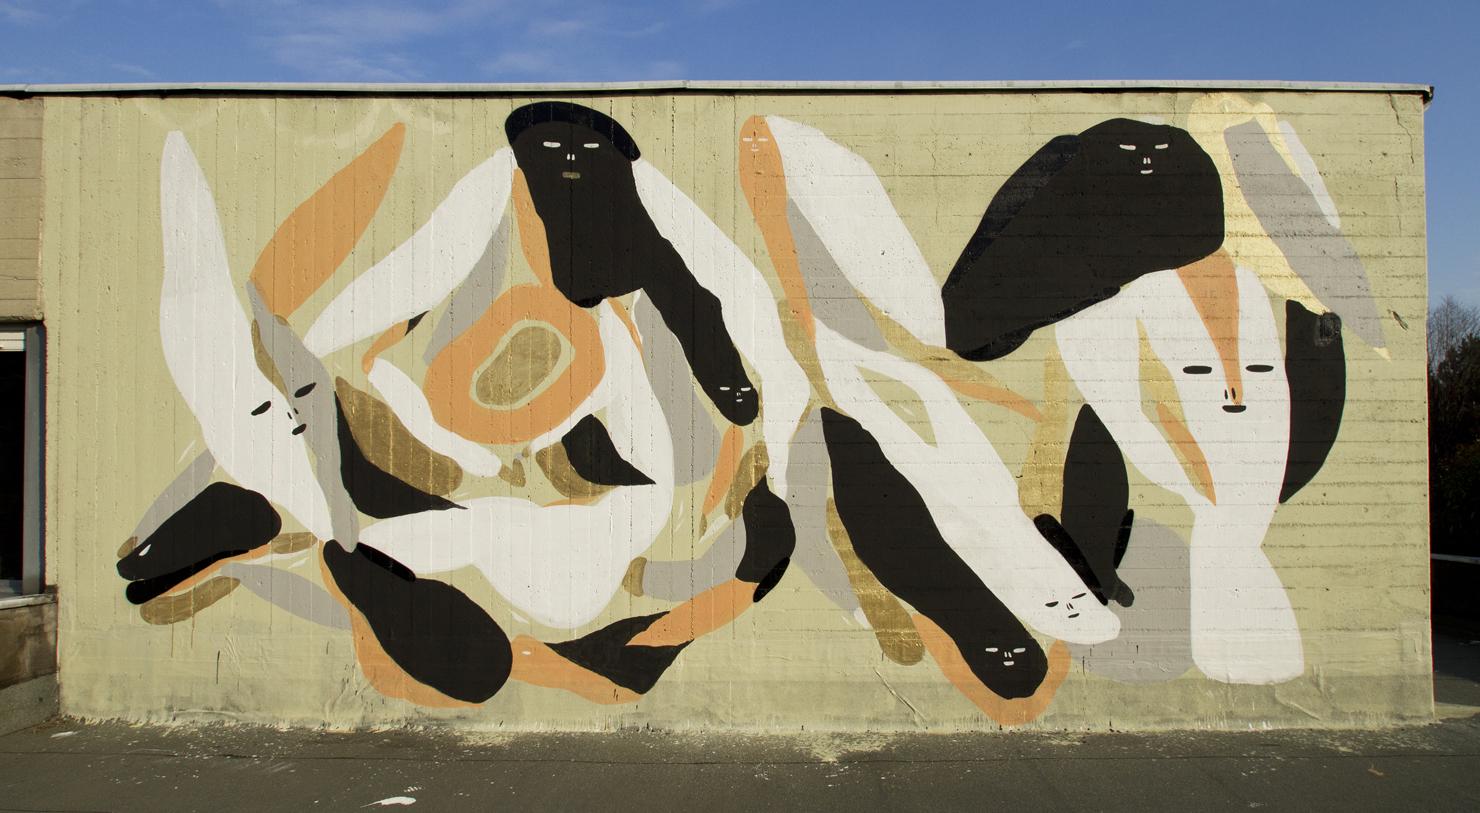 giorgio-bartocci-new-mural-in-monza-12